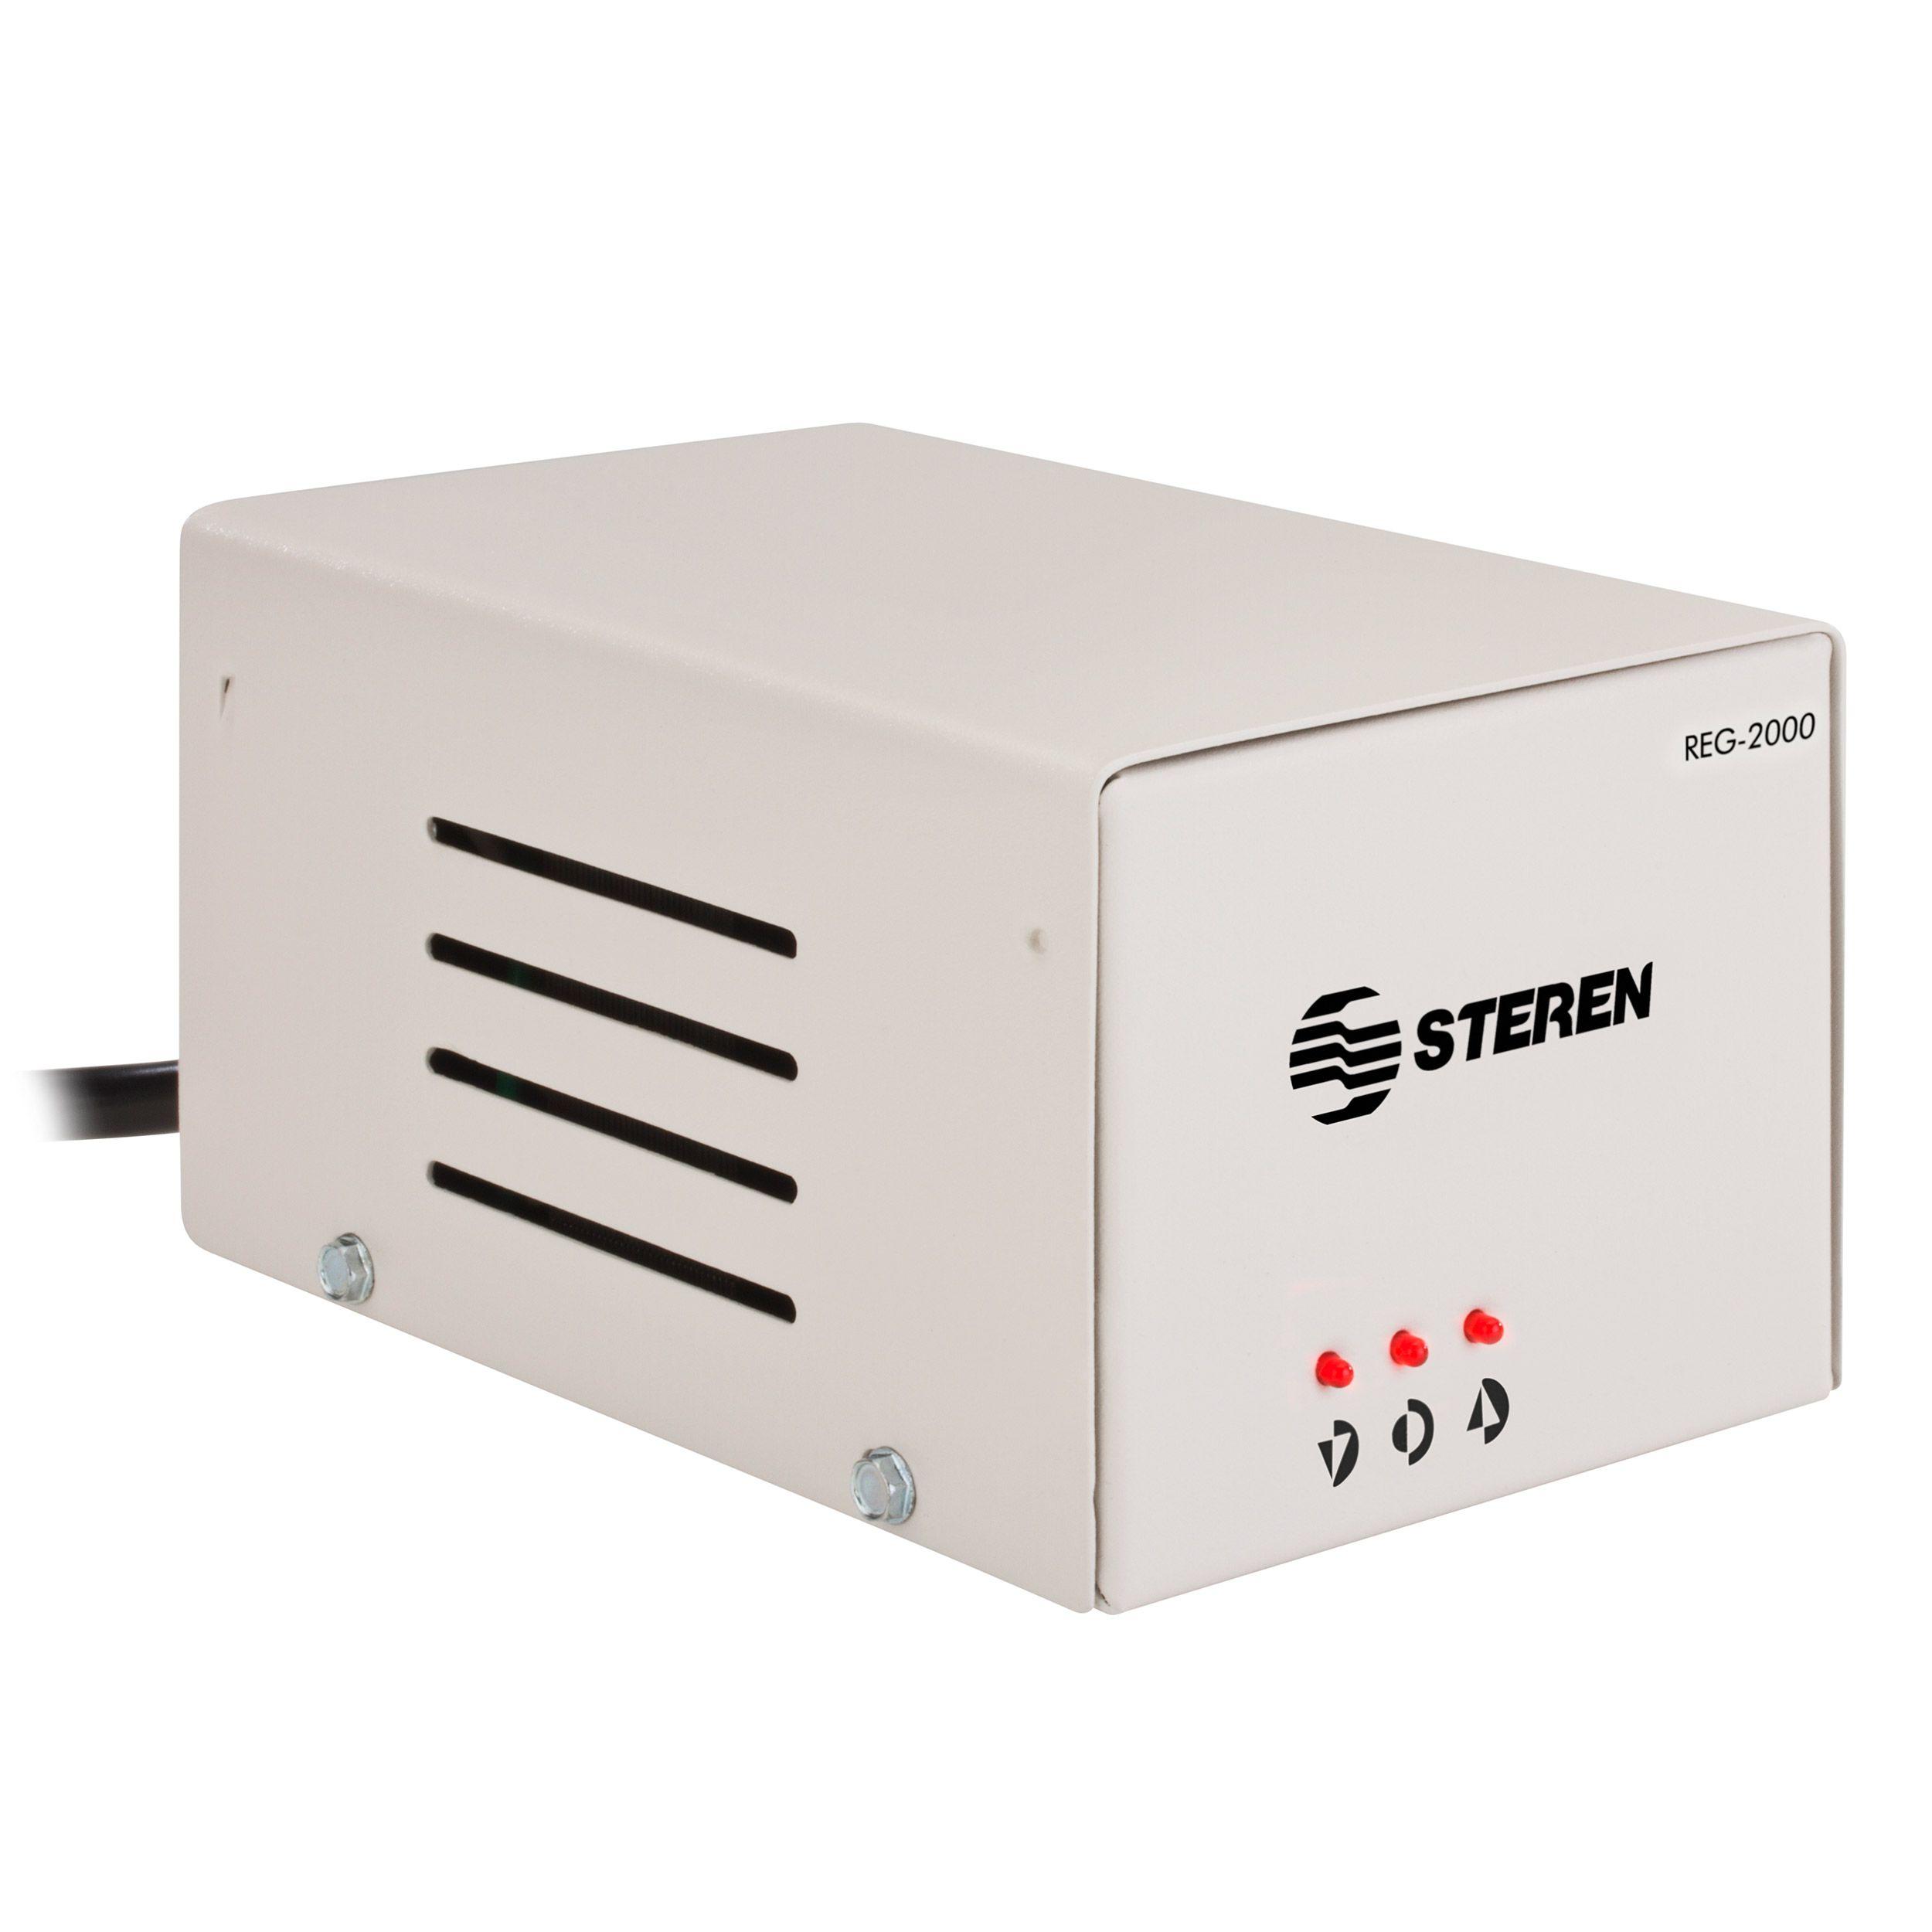 regulador-de-voltaje-2000-w-con-indicador-de-estado.jpg